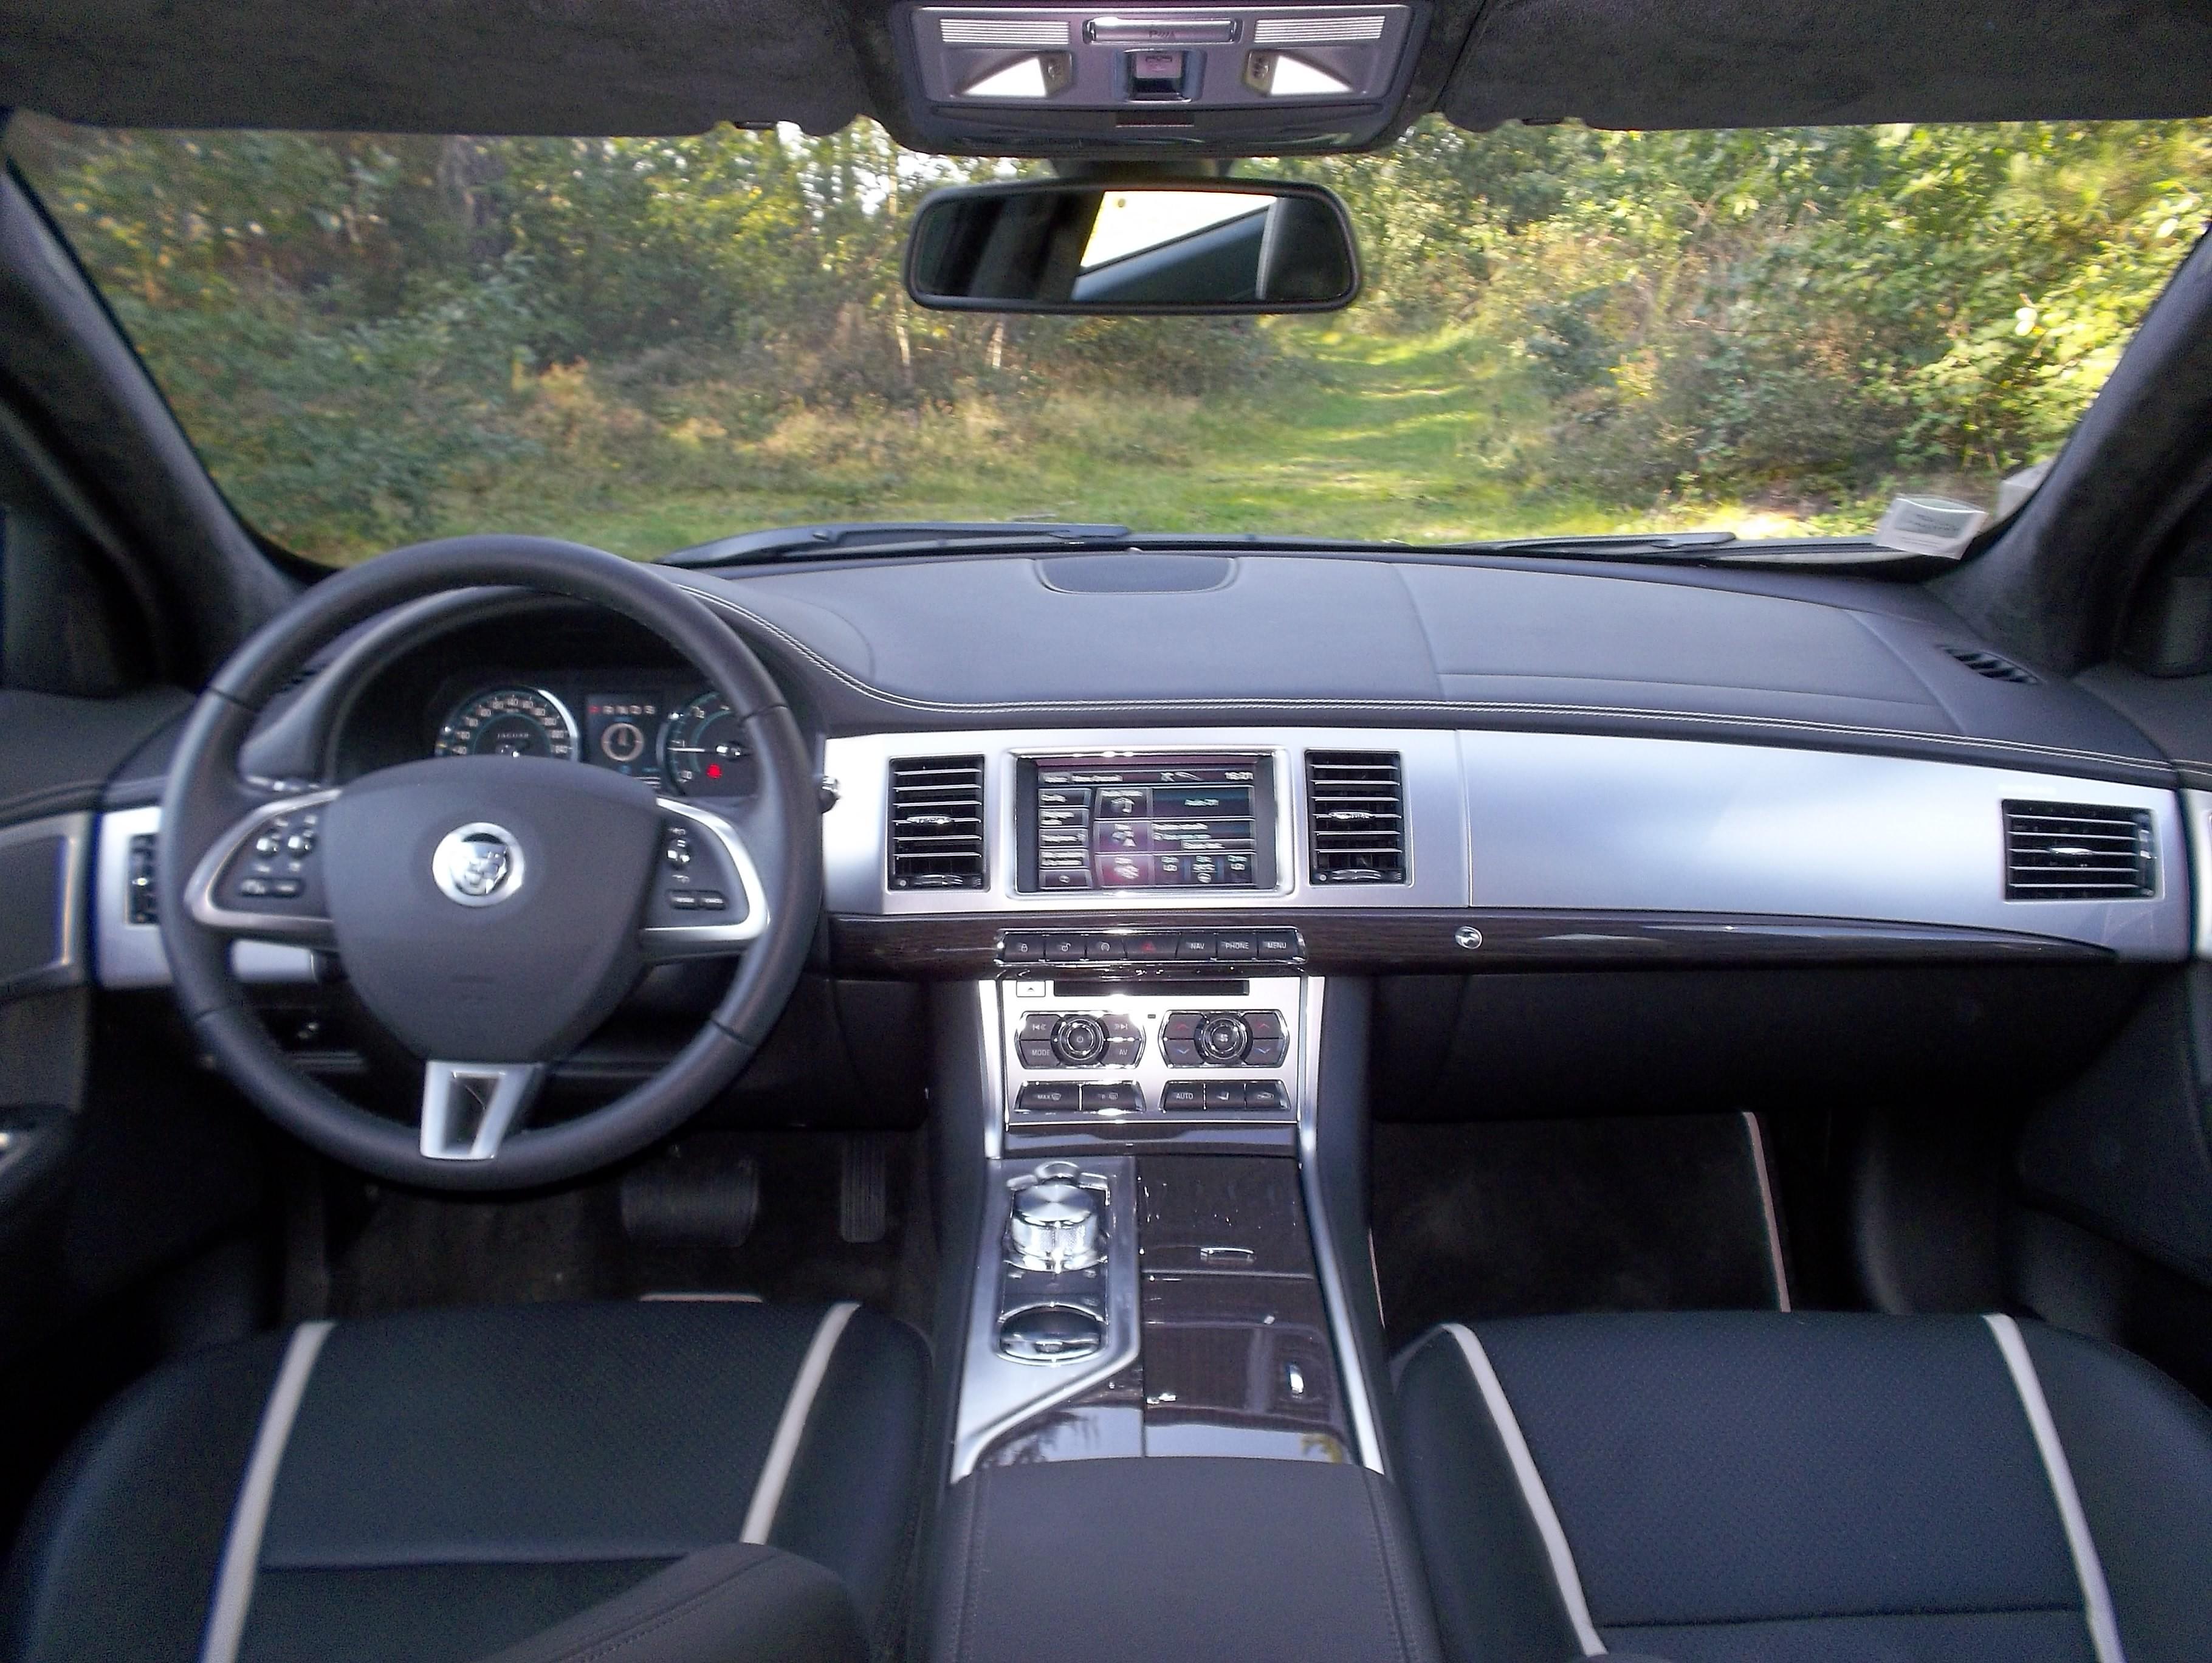 Forum jaguar xf 3.0 diesel